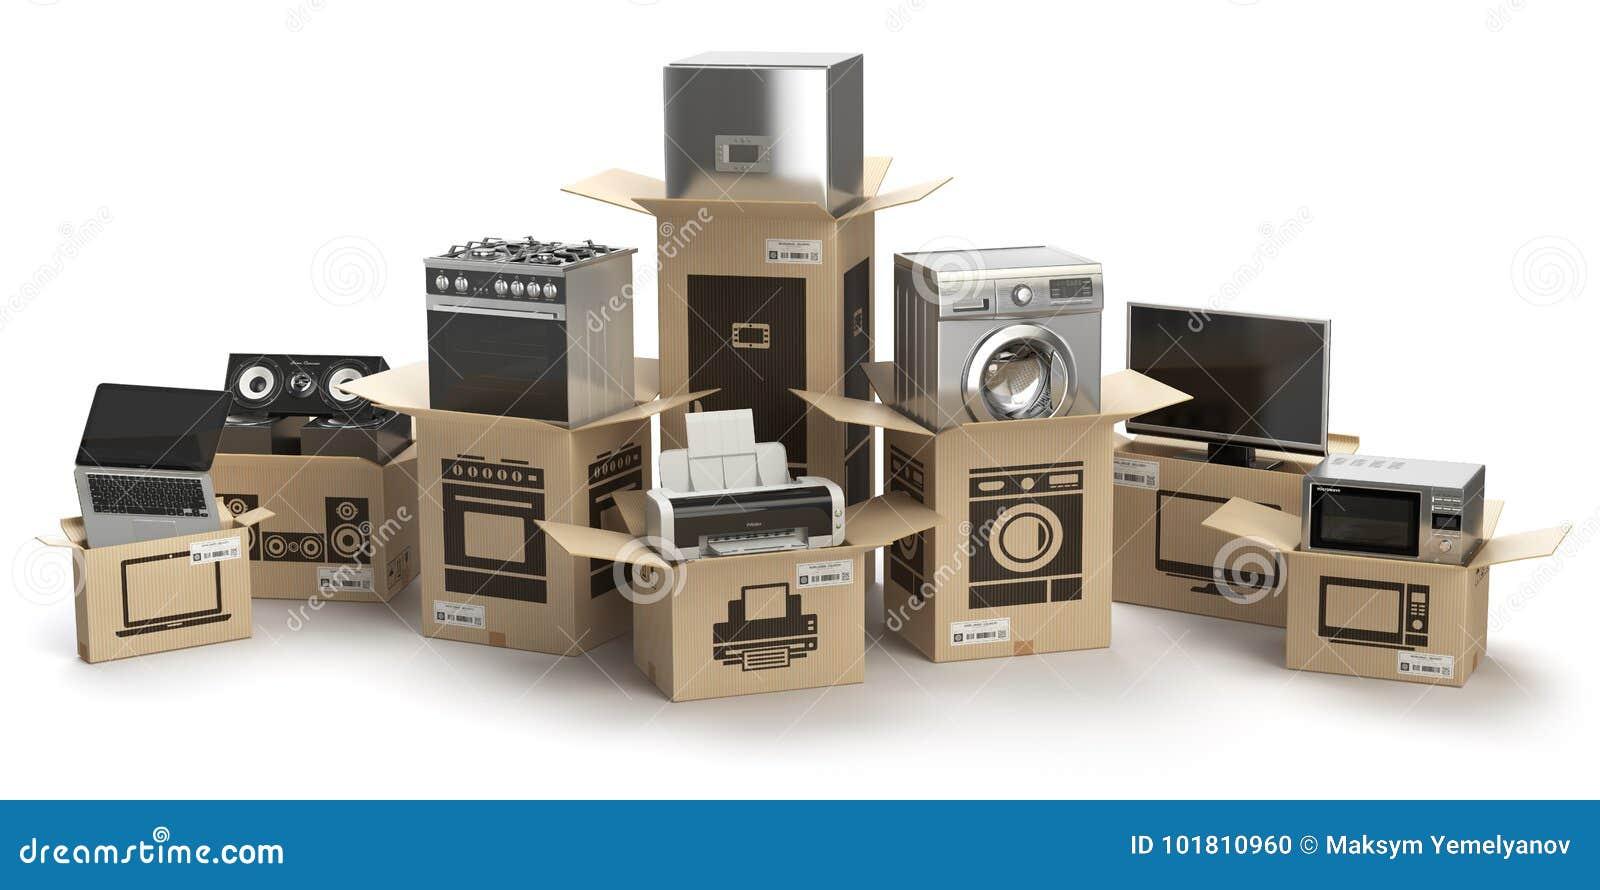 Dispositivos e electrónica do lar de cozinha do agregado familiar no isola das caixas